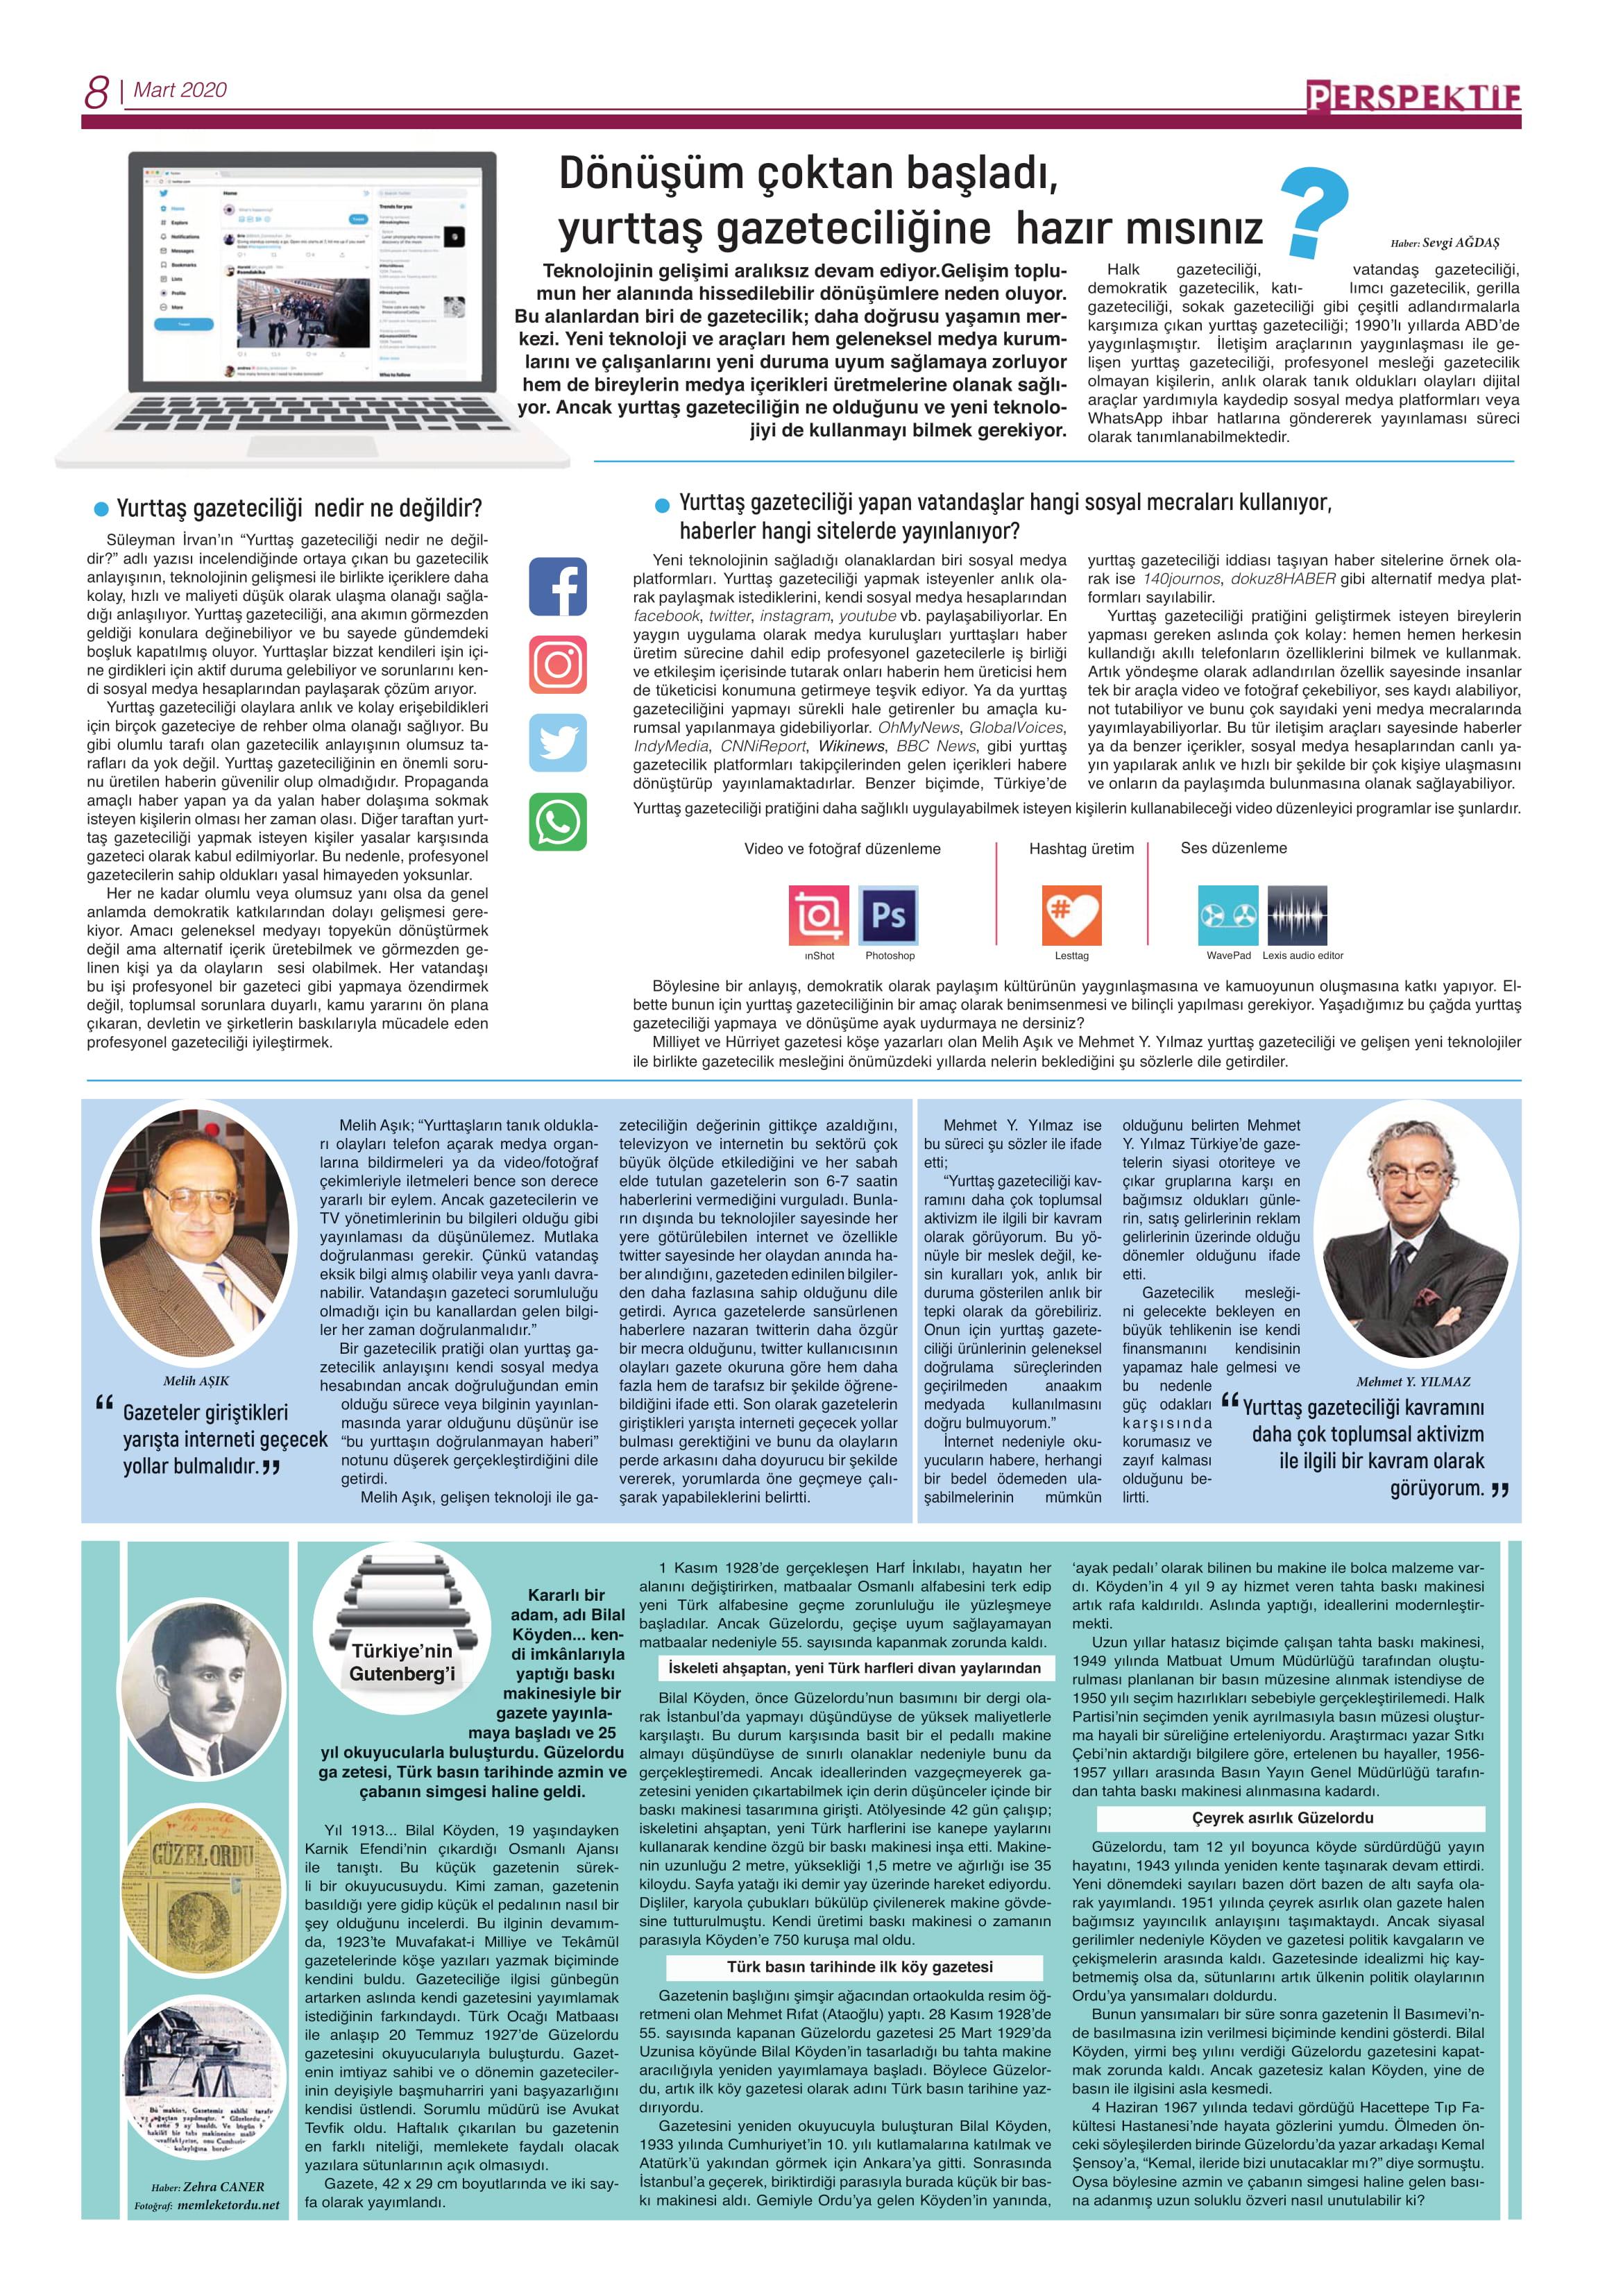 Perspektif Gazete PDF-8